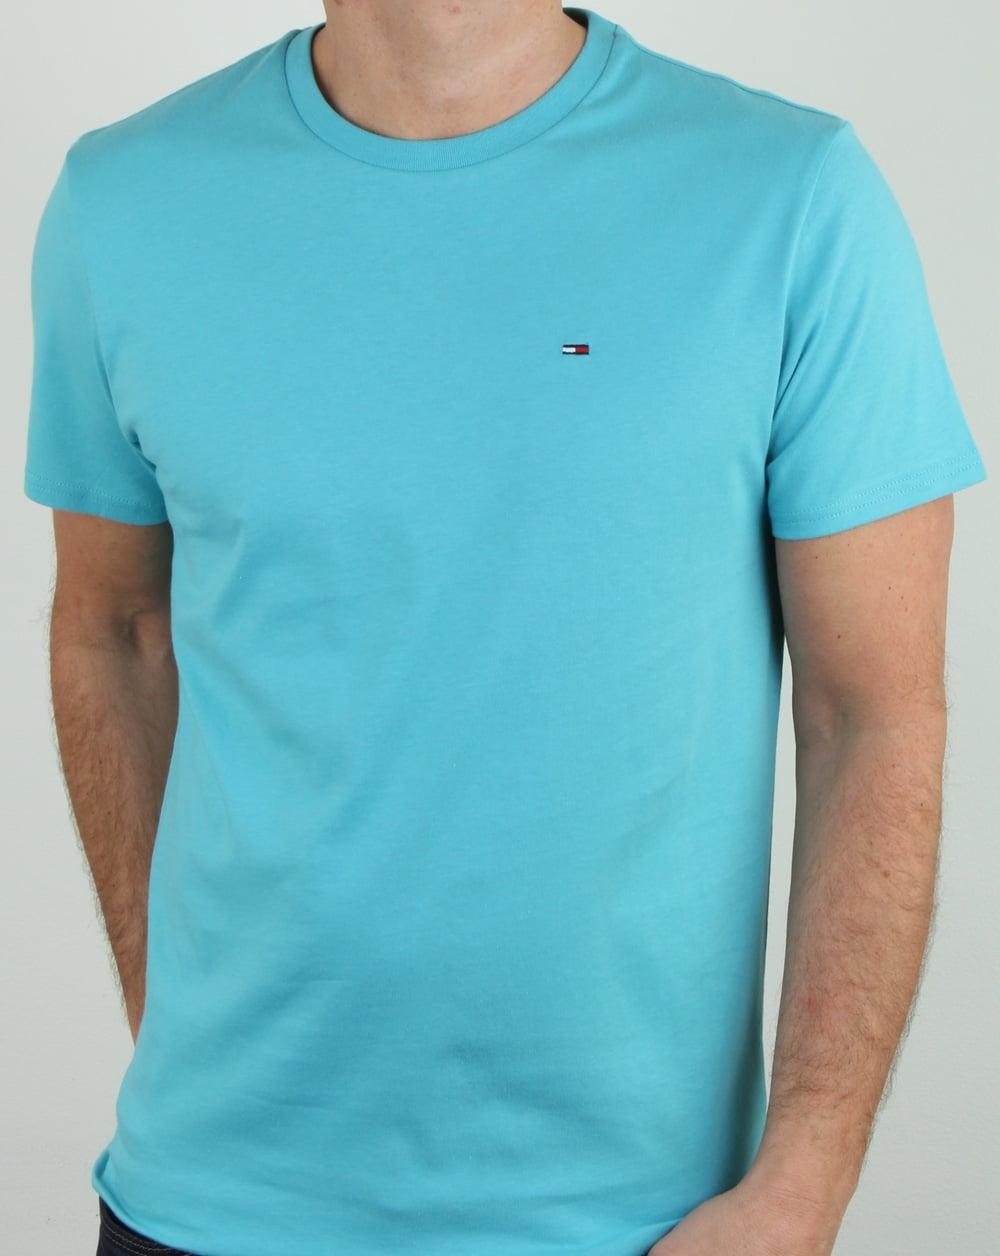 46a006116 Tommy Hilfiger Jeans Tommy Hilfiger Cotton Crew Neck T Shirt Aqua Blue